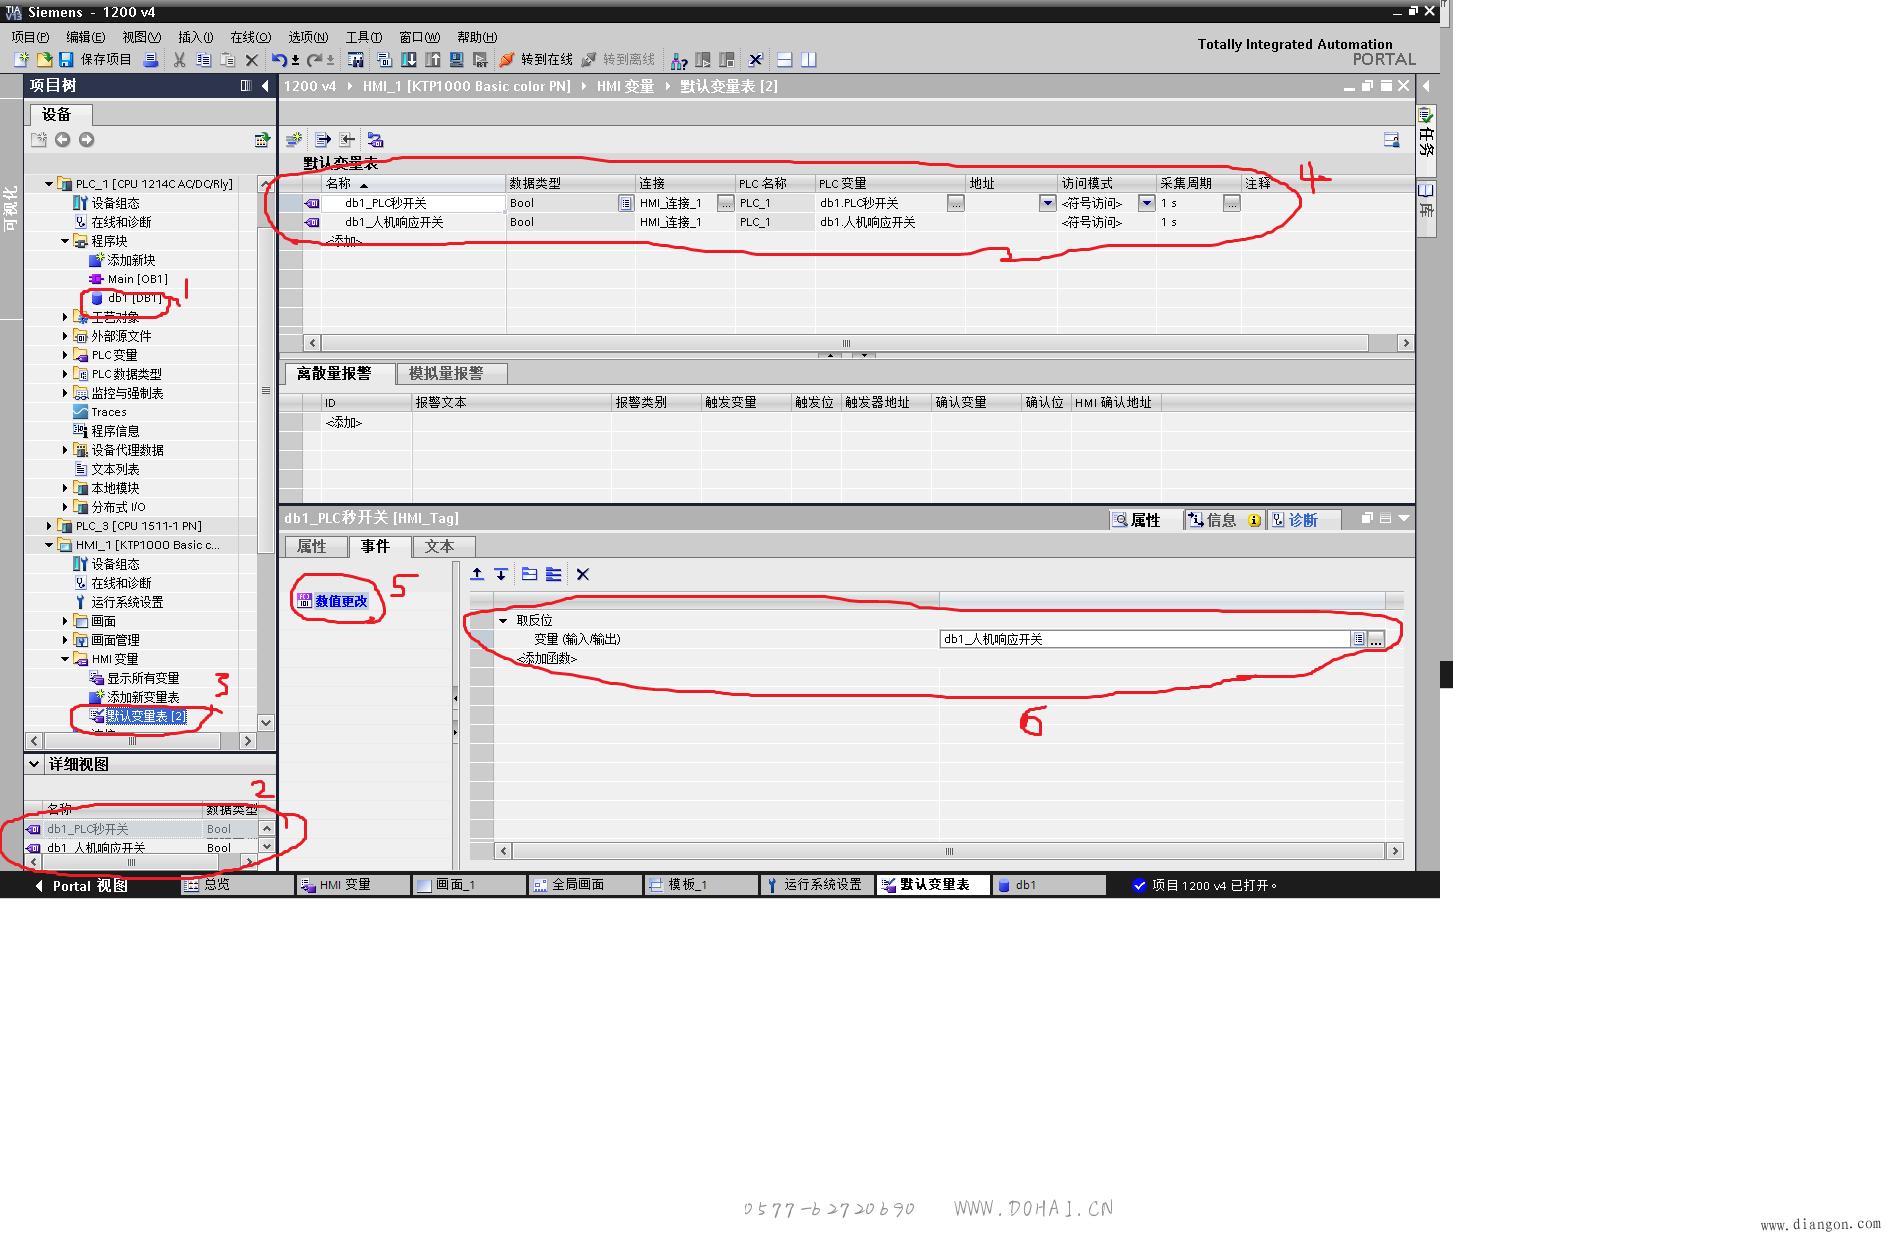 如何通过程序判断触摸屏与plc通讯故障